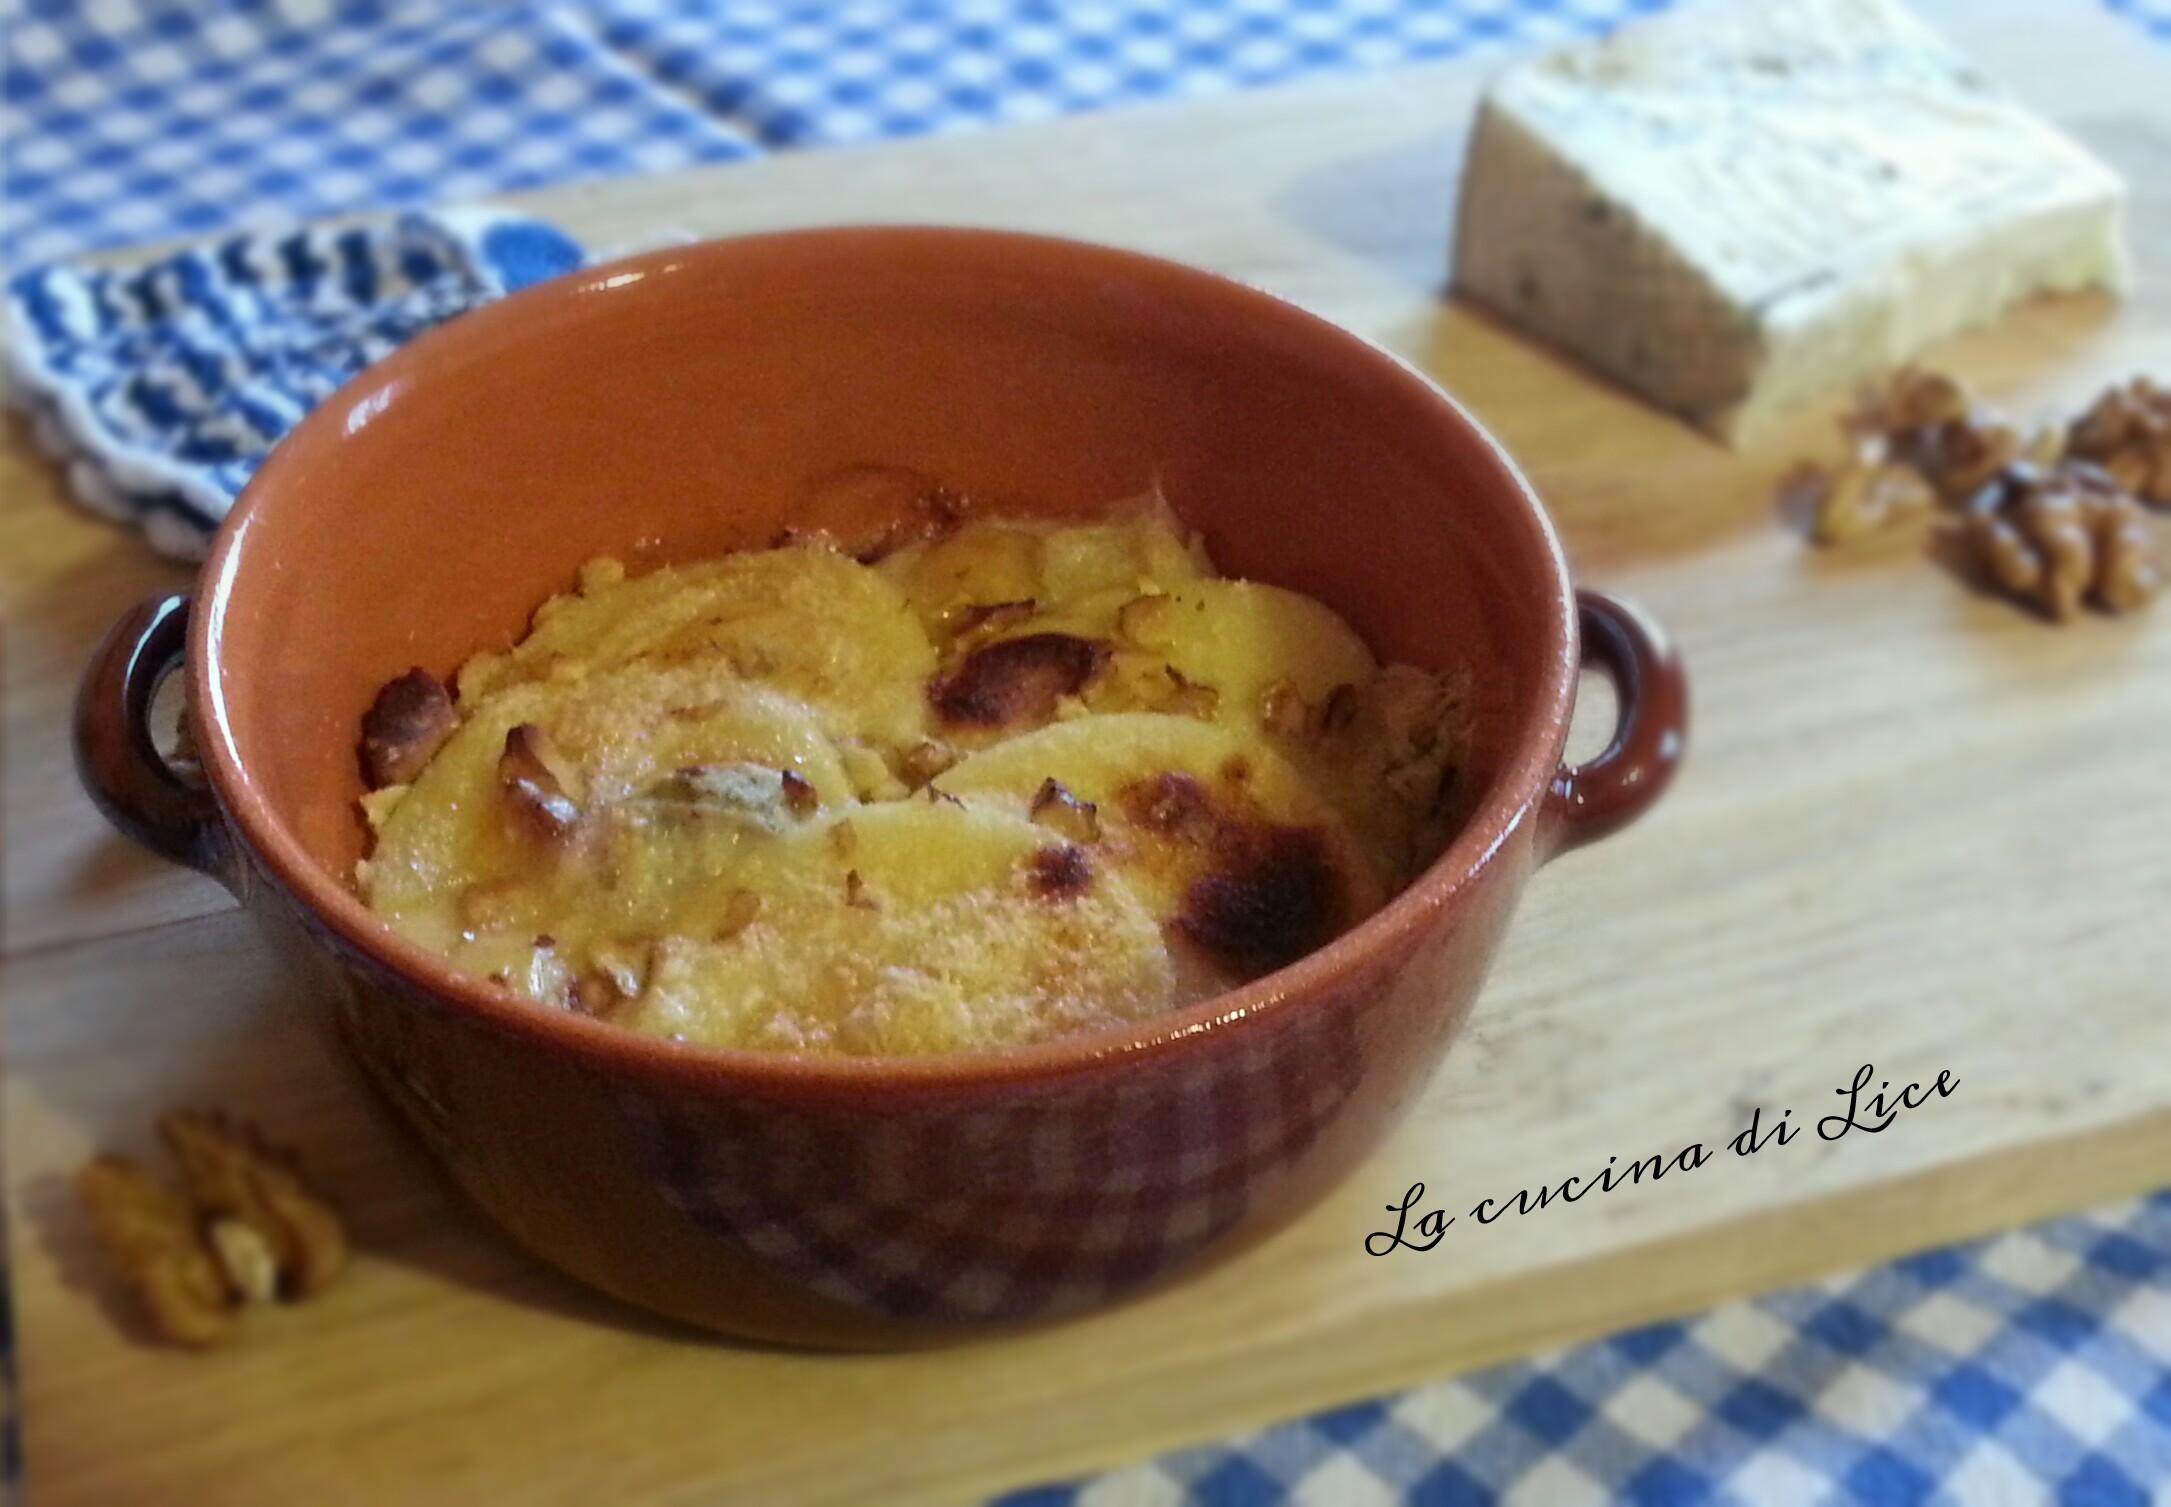 Gnocchi alla romana con gorgonzola e noci